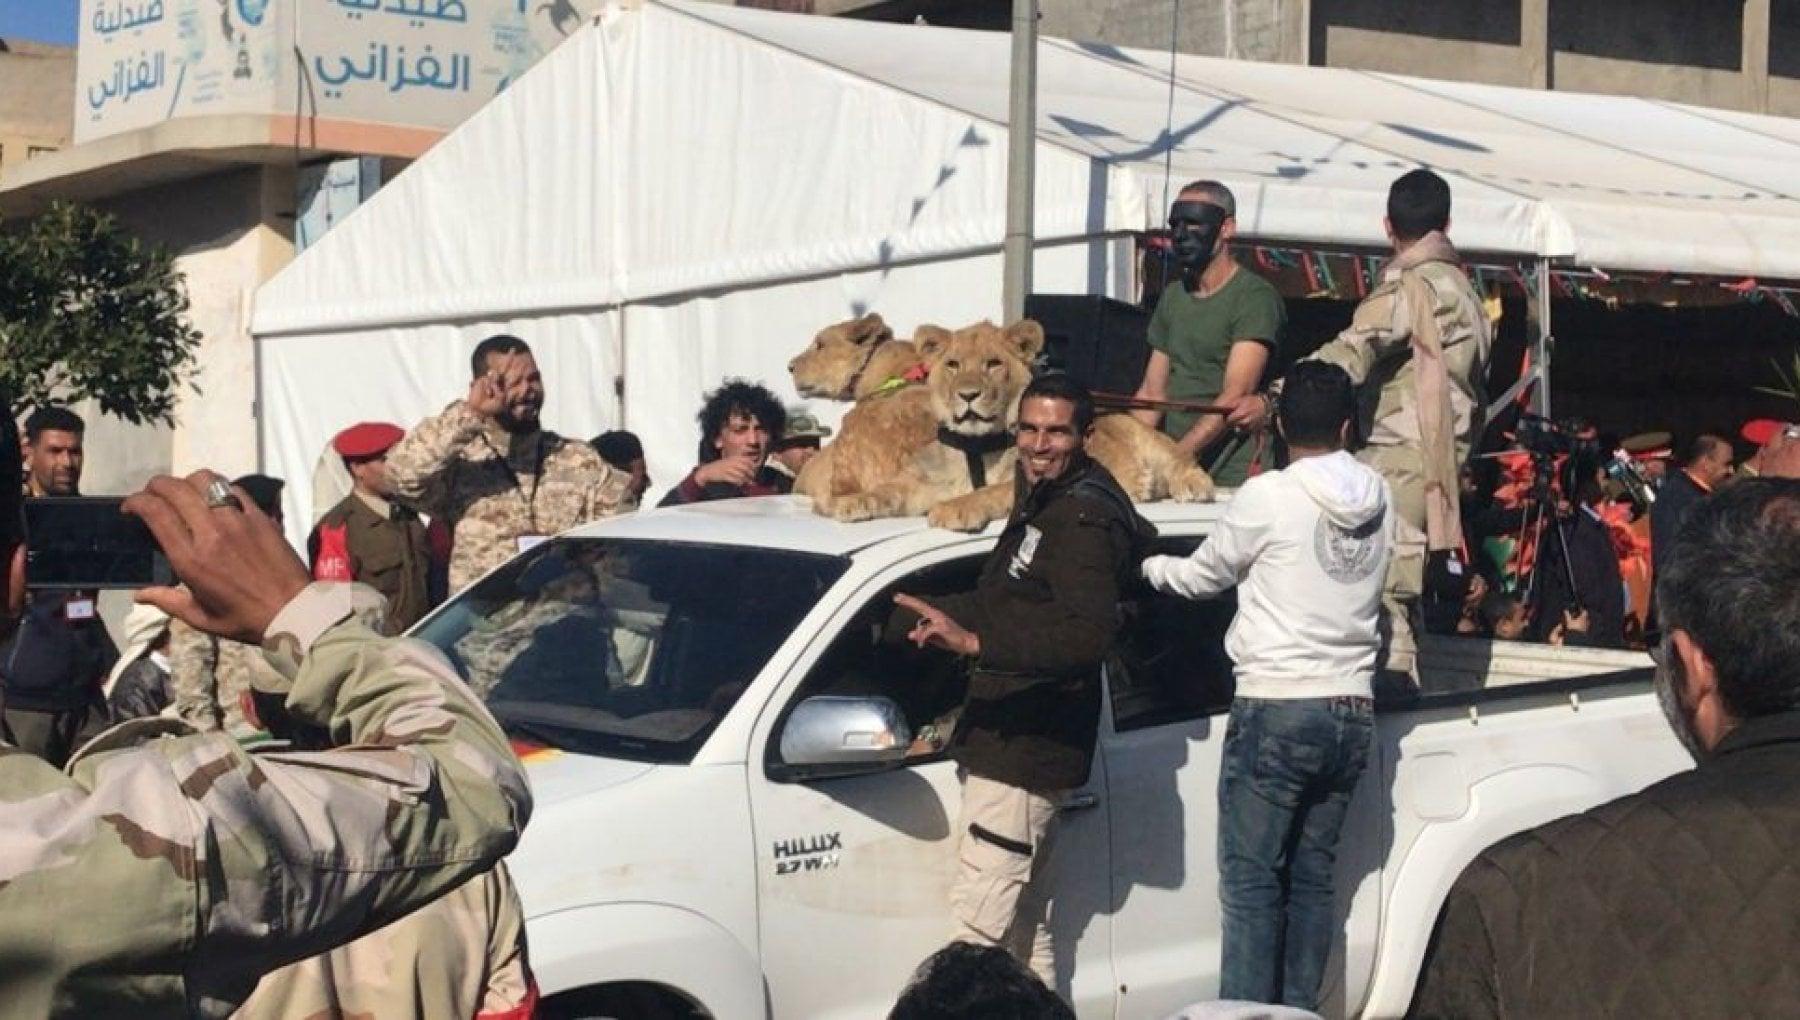 185145628 713505f6 86b3 4795 94ea 105562325550 - Libia, i sette fratelli che hanno terrorizzato una città con stragi e leoni